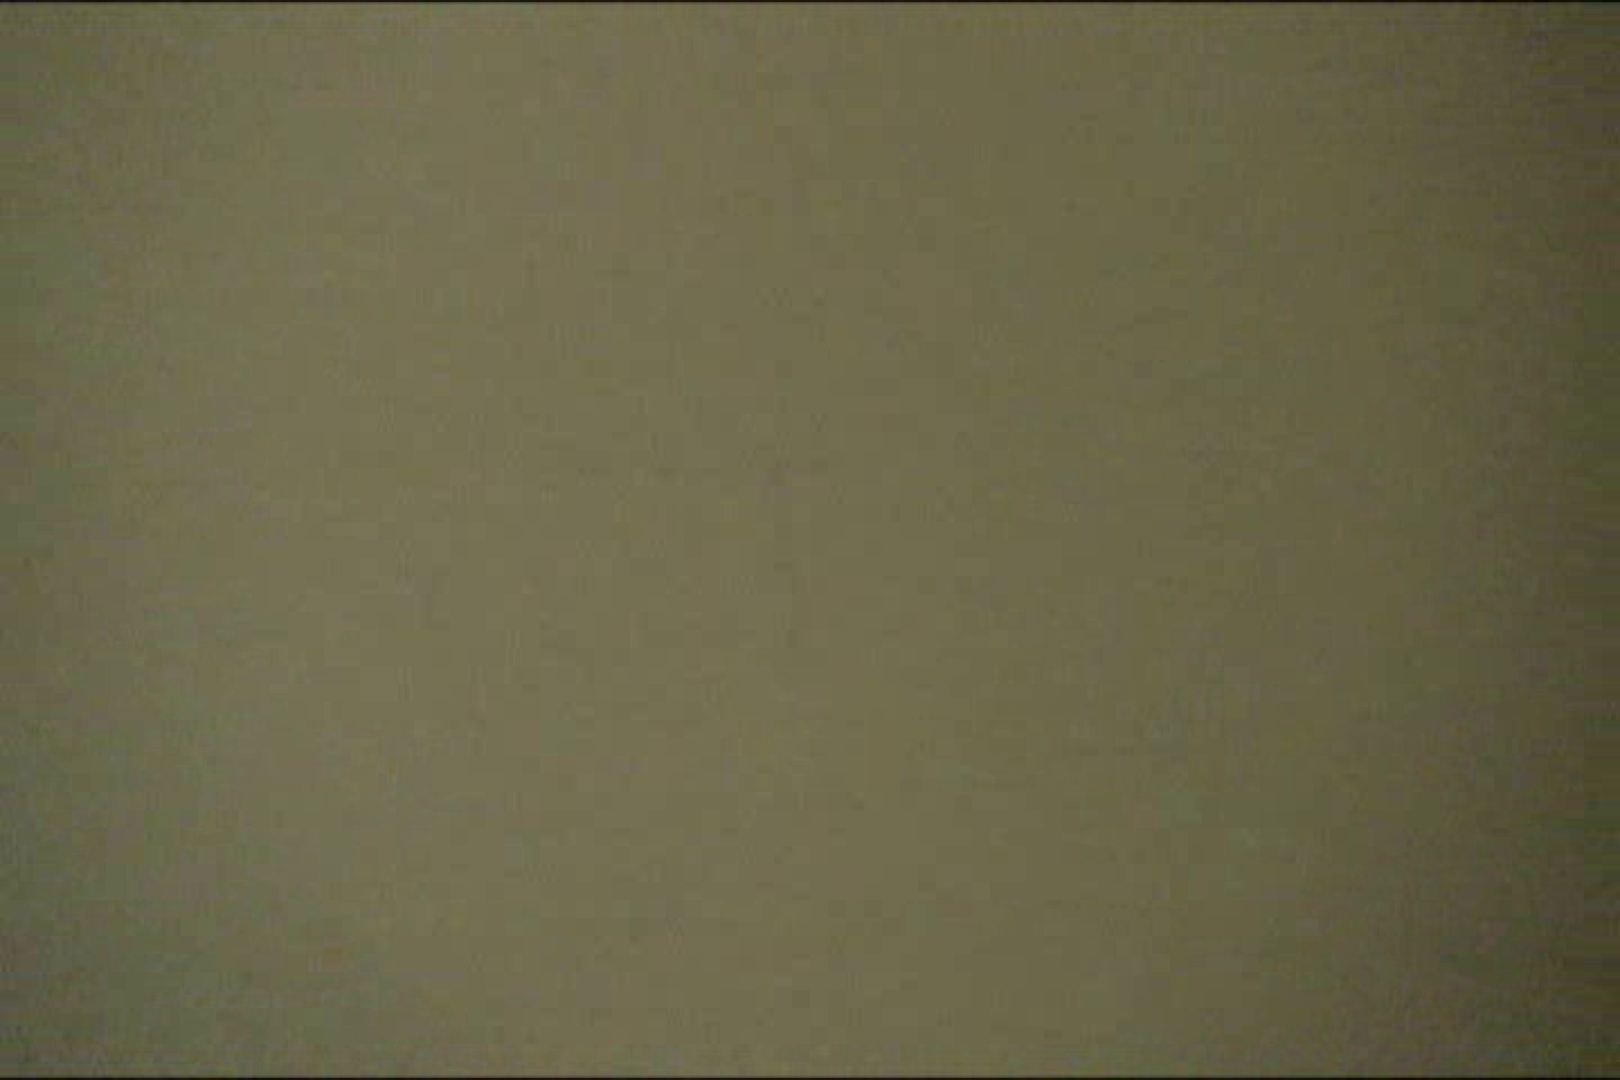 マンコ丸見え女子洗面所Vol.2 0 | 0  91画像 48